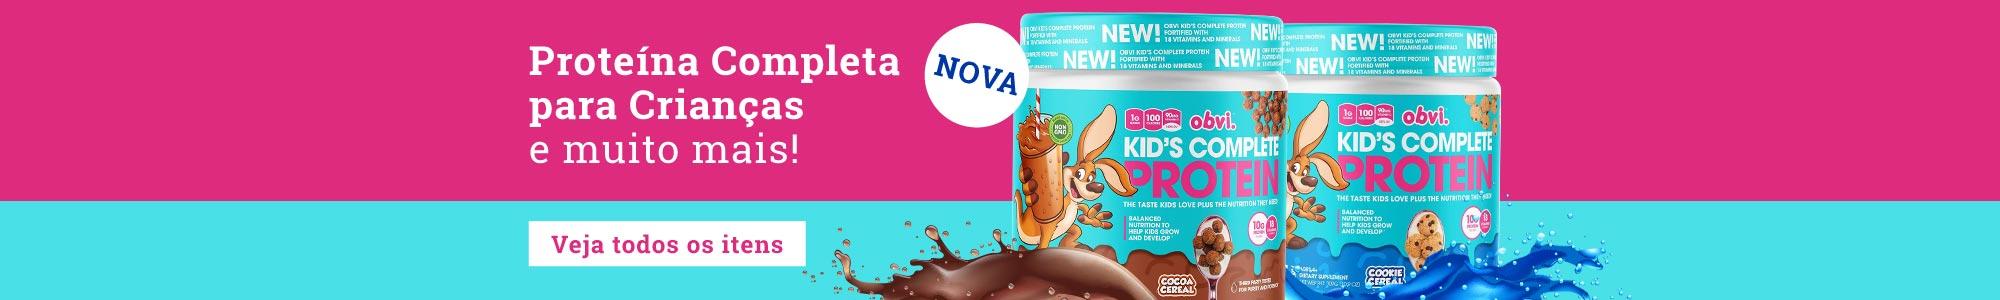 Obvi - Nova - Proteína Completa para Crianças e muito mais! Veja todos os itens